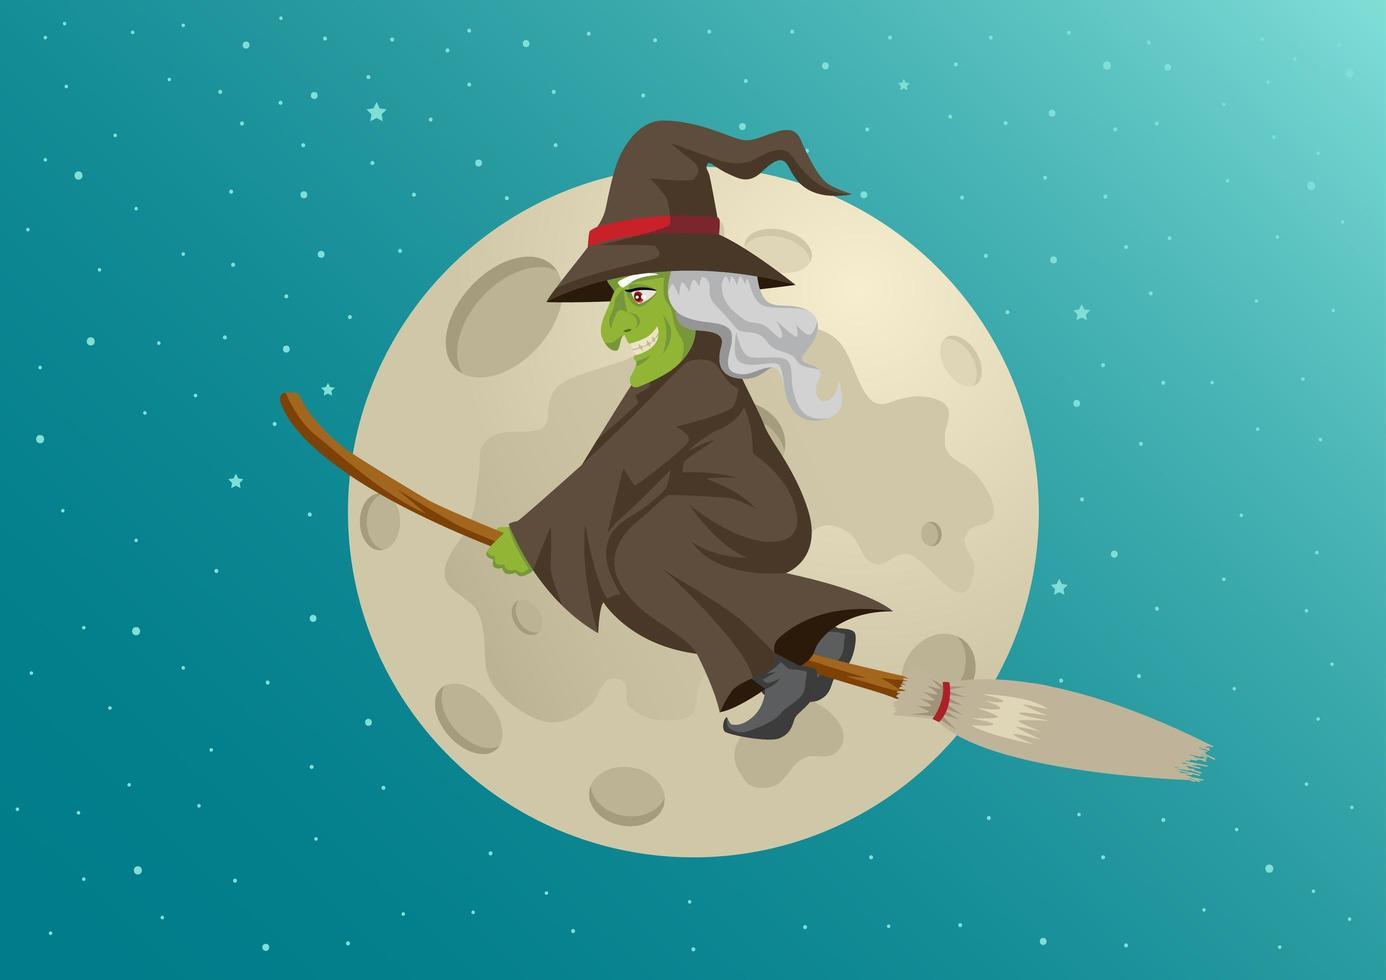 bruxa de desenho animado, voando na frente da lua cheia vetor